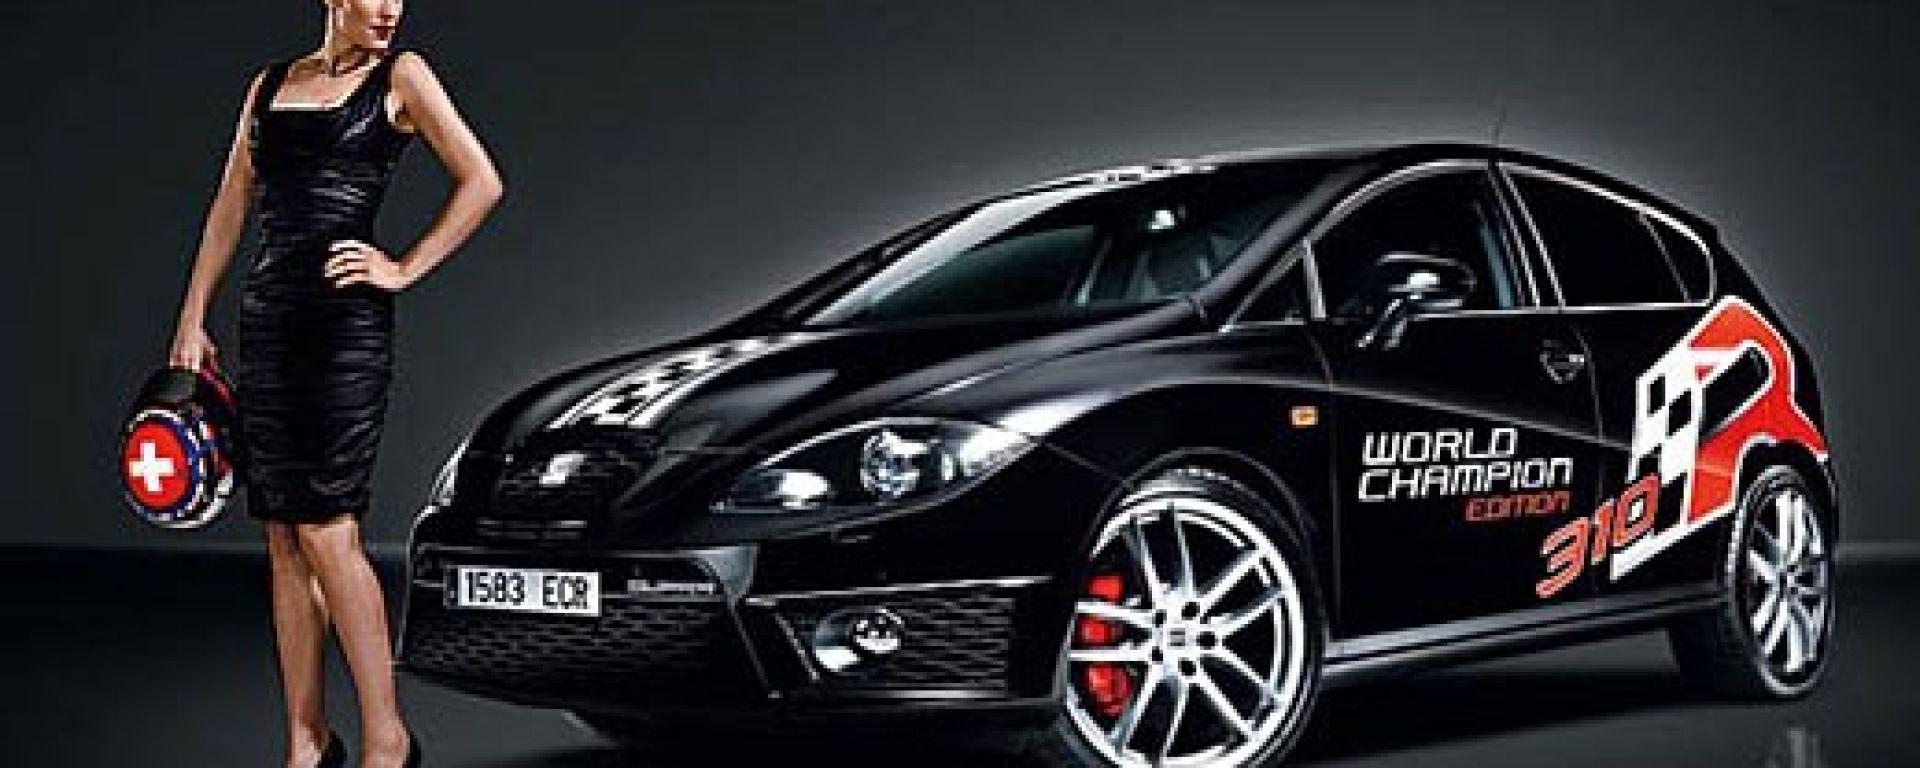 Seat Leon R310 WCE